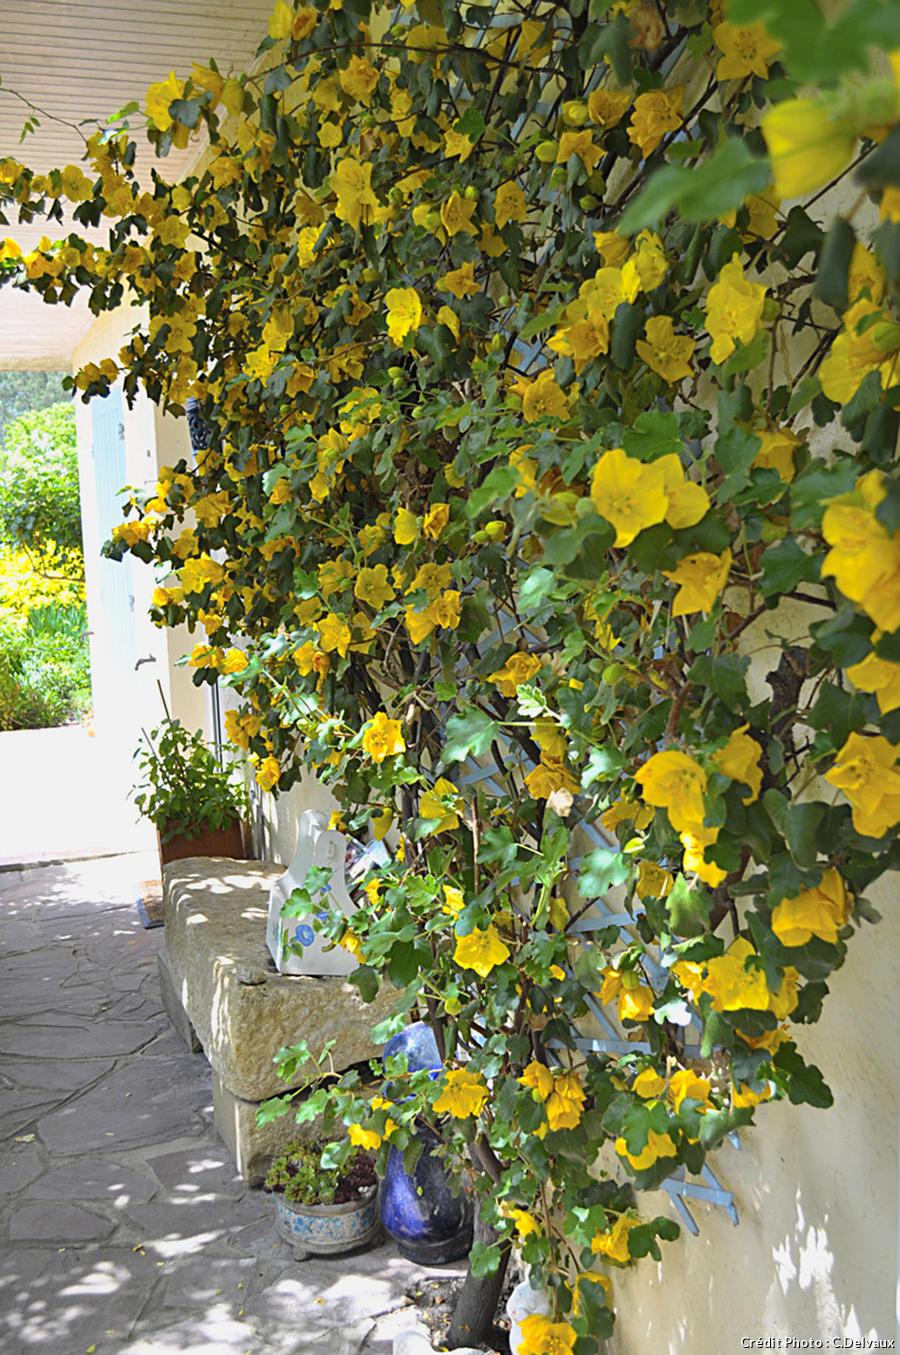 Le frémontodendron de Californie